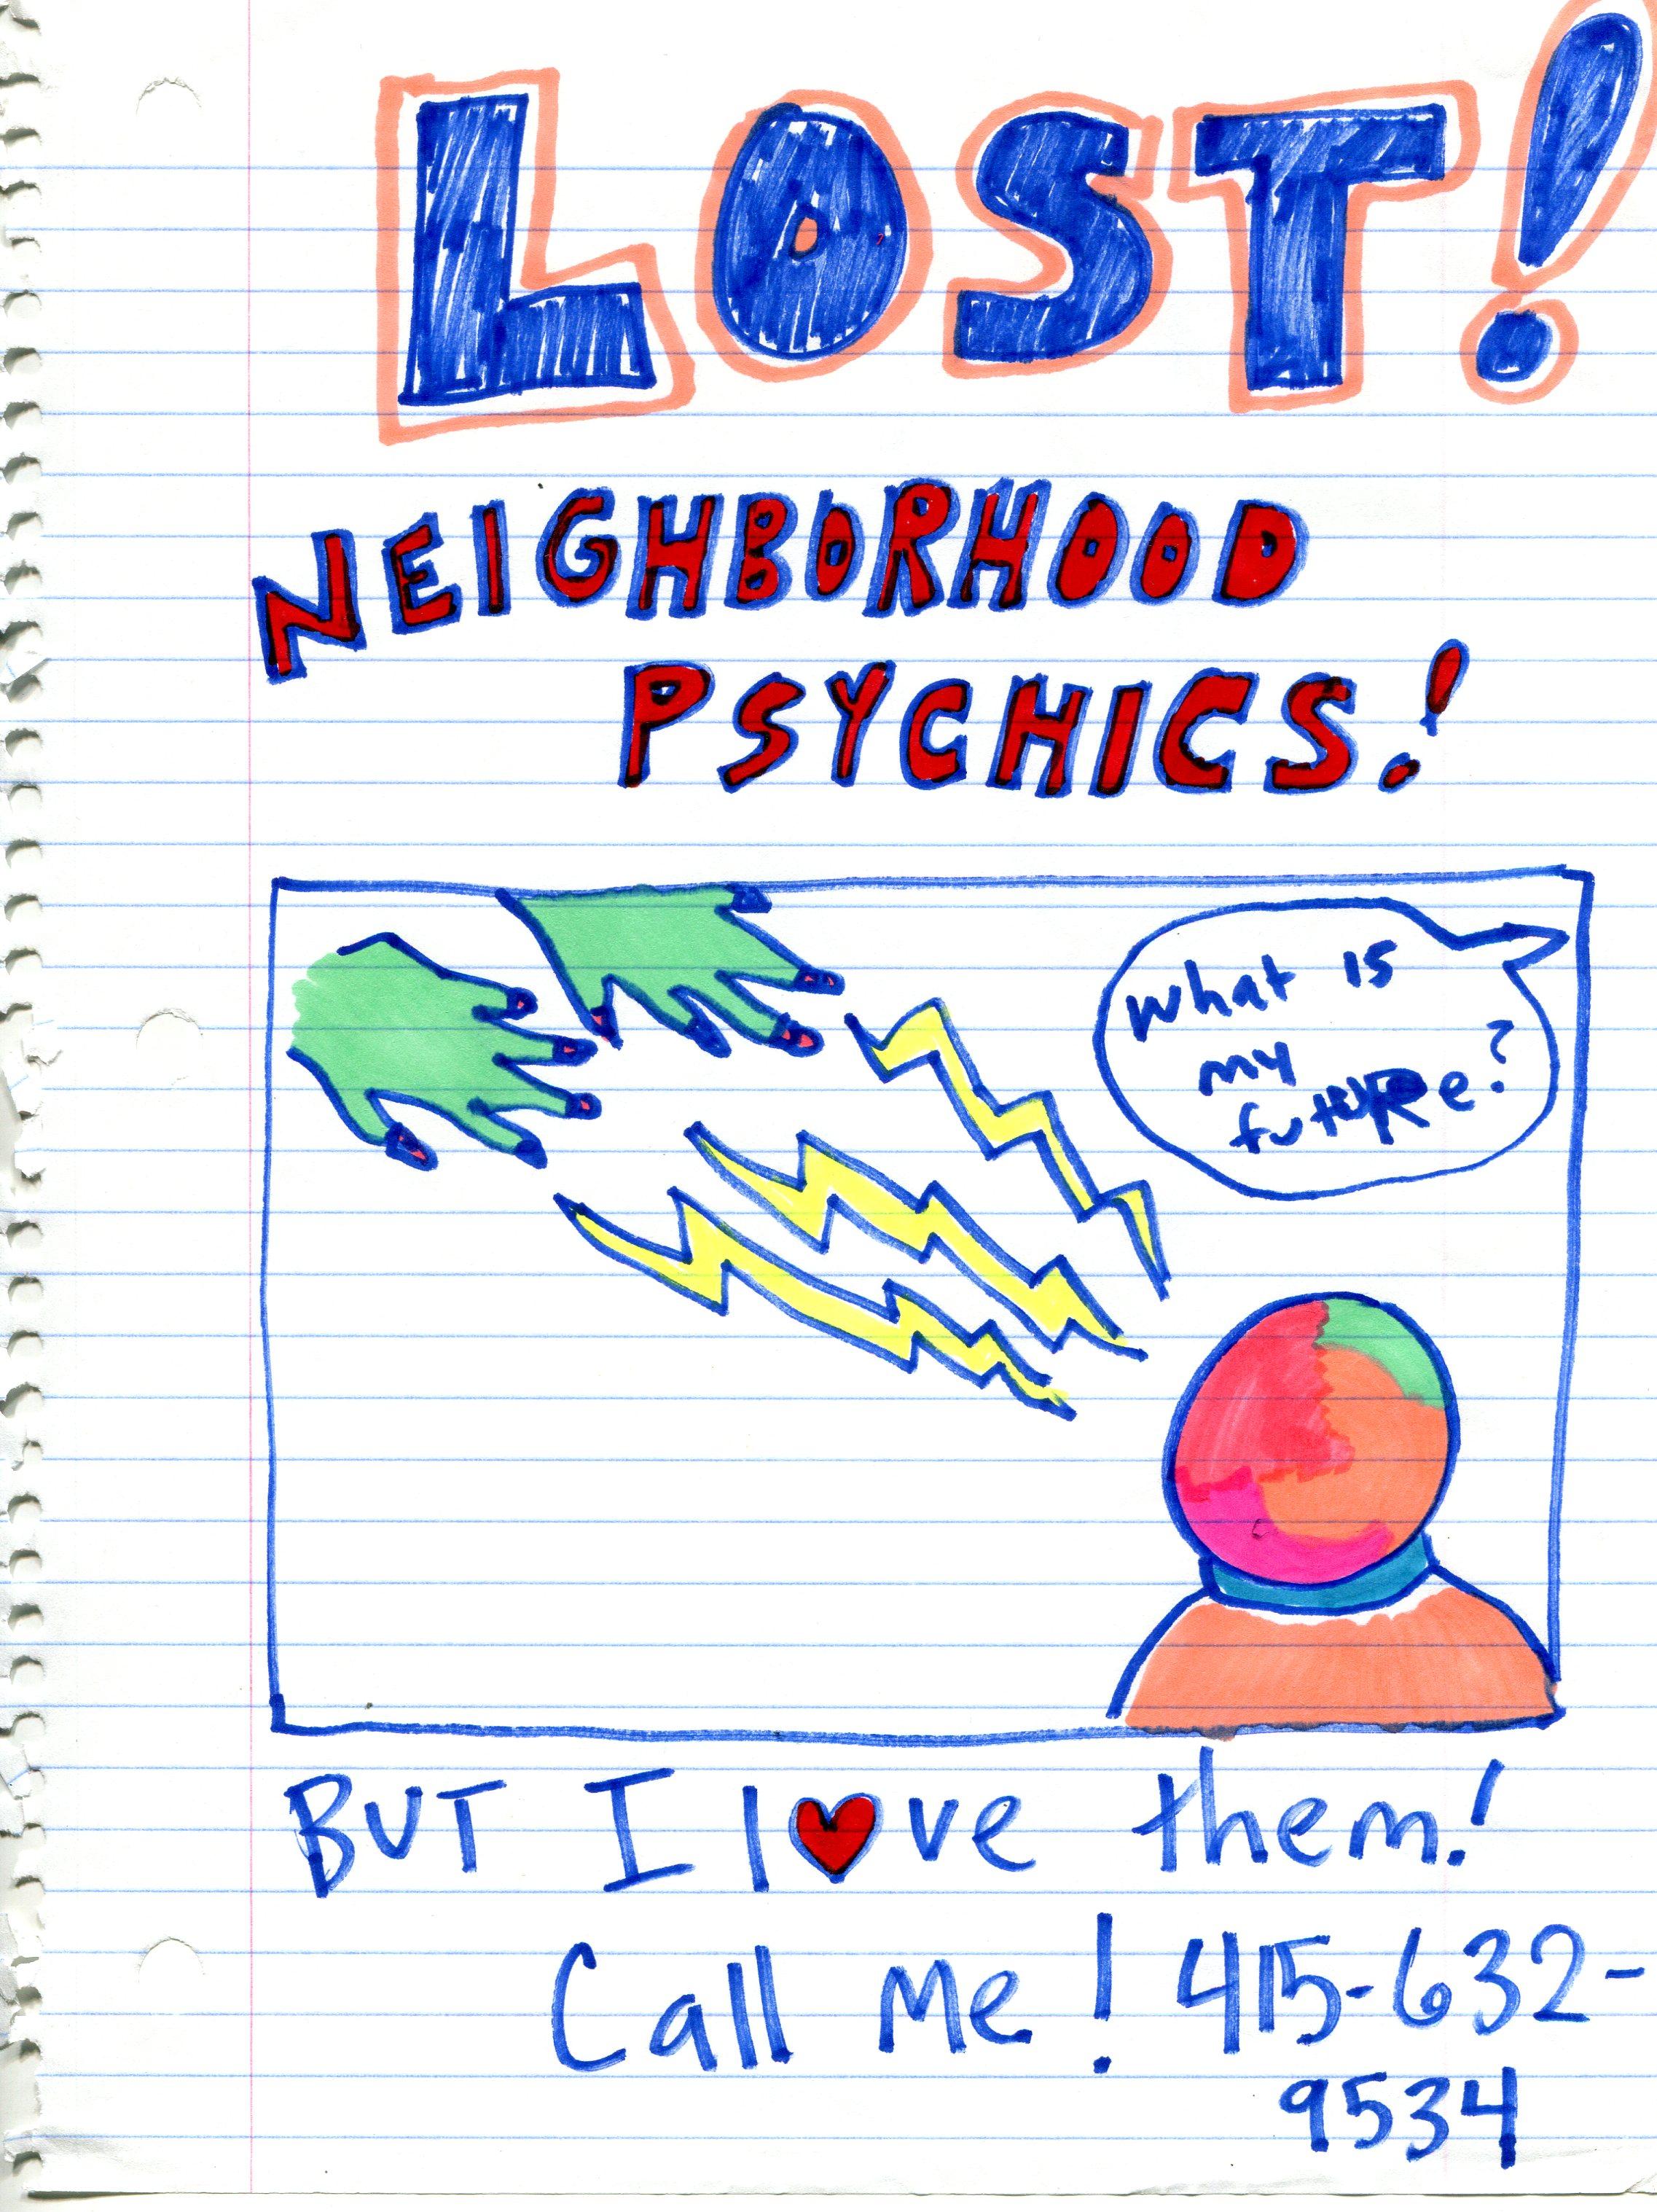 neighborhoodpsychics.jpg